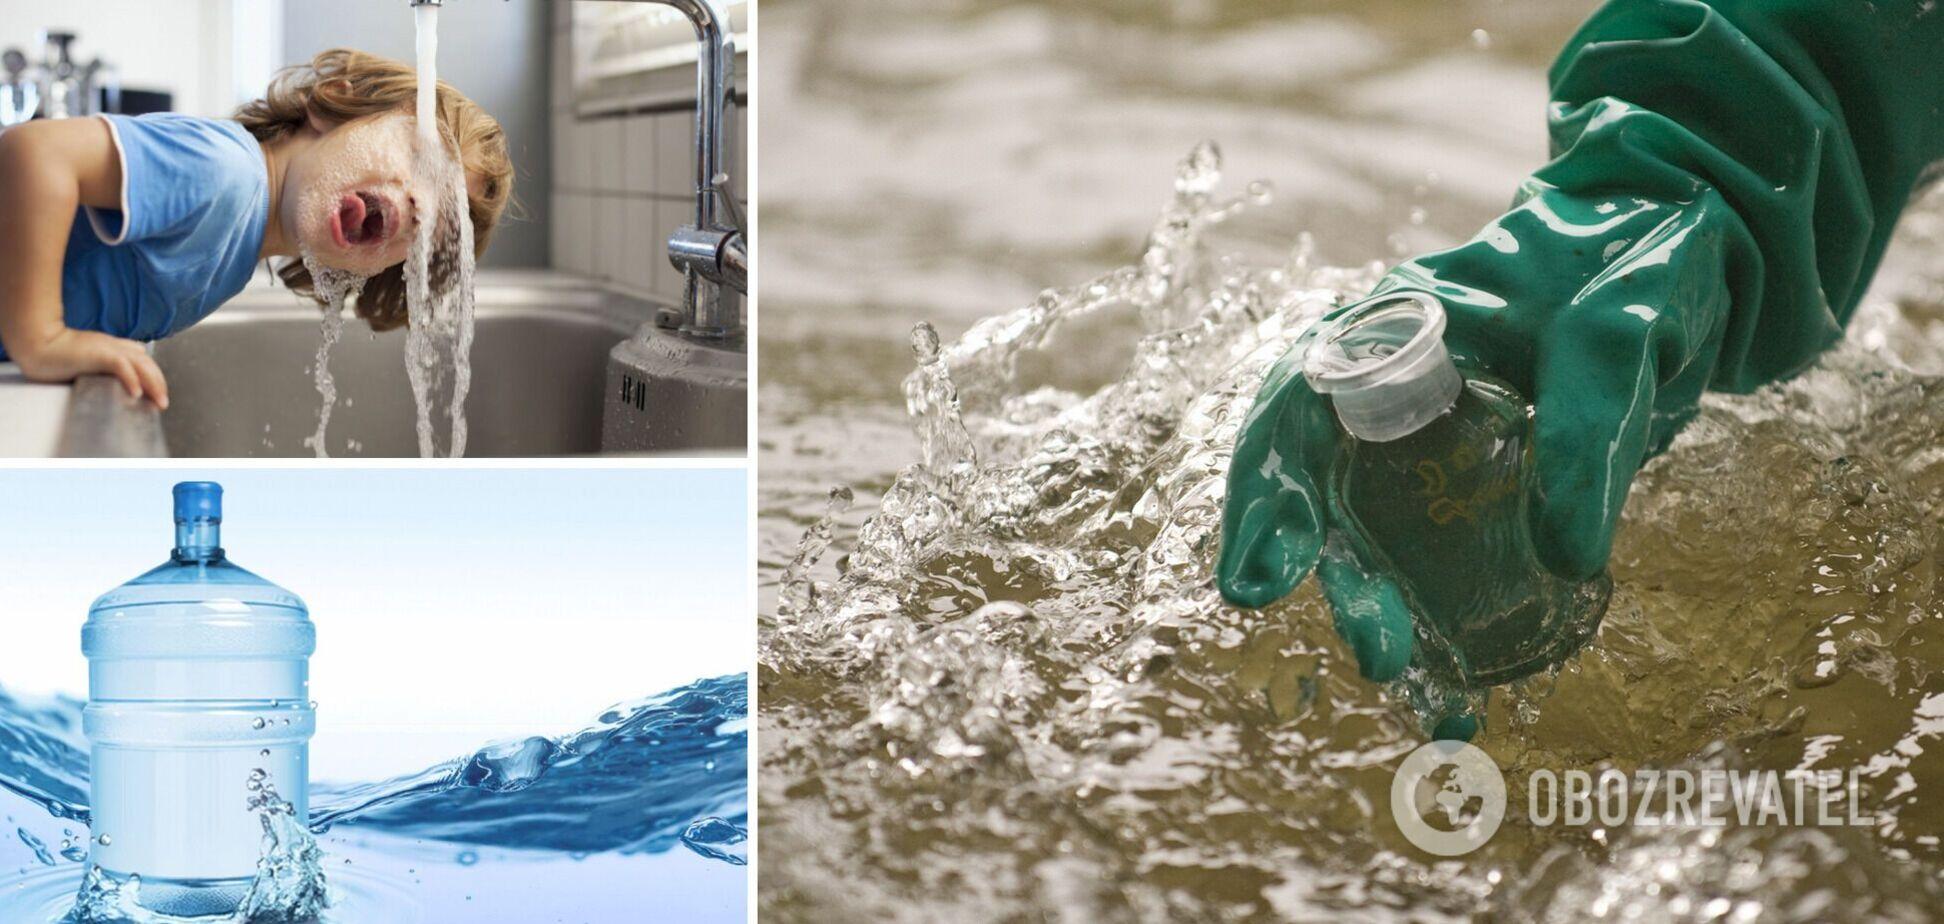 В Україні 90% води не відповідають заявленій якості: експерт вказав на проблеми